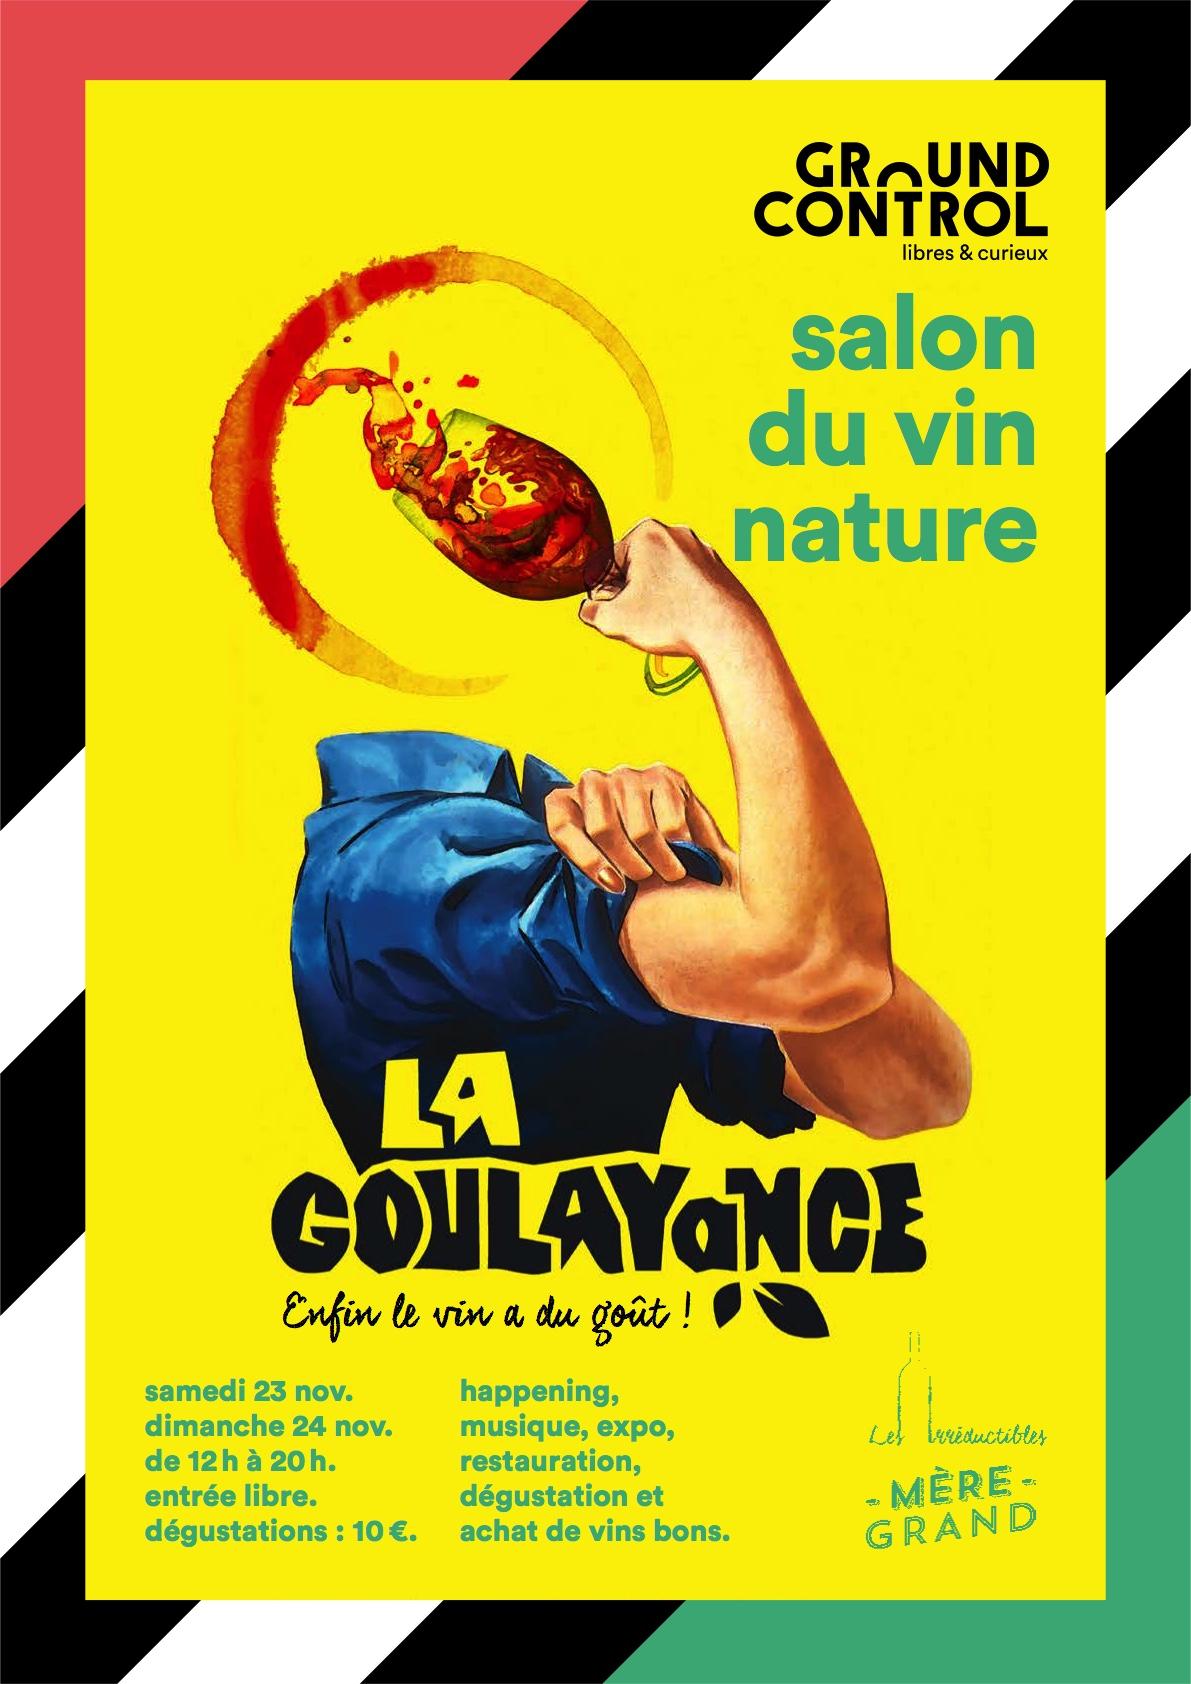 23-24 November Paris 2019 - La Goulayance - Winefair serapportantà La Taupe Musique